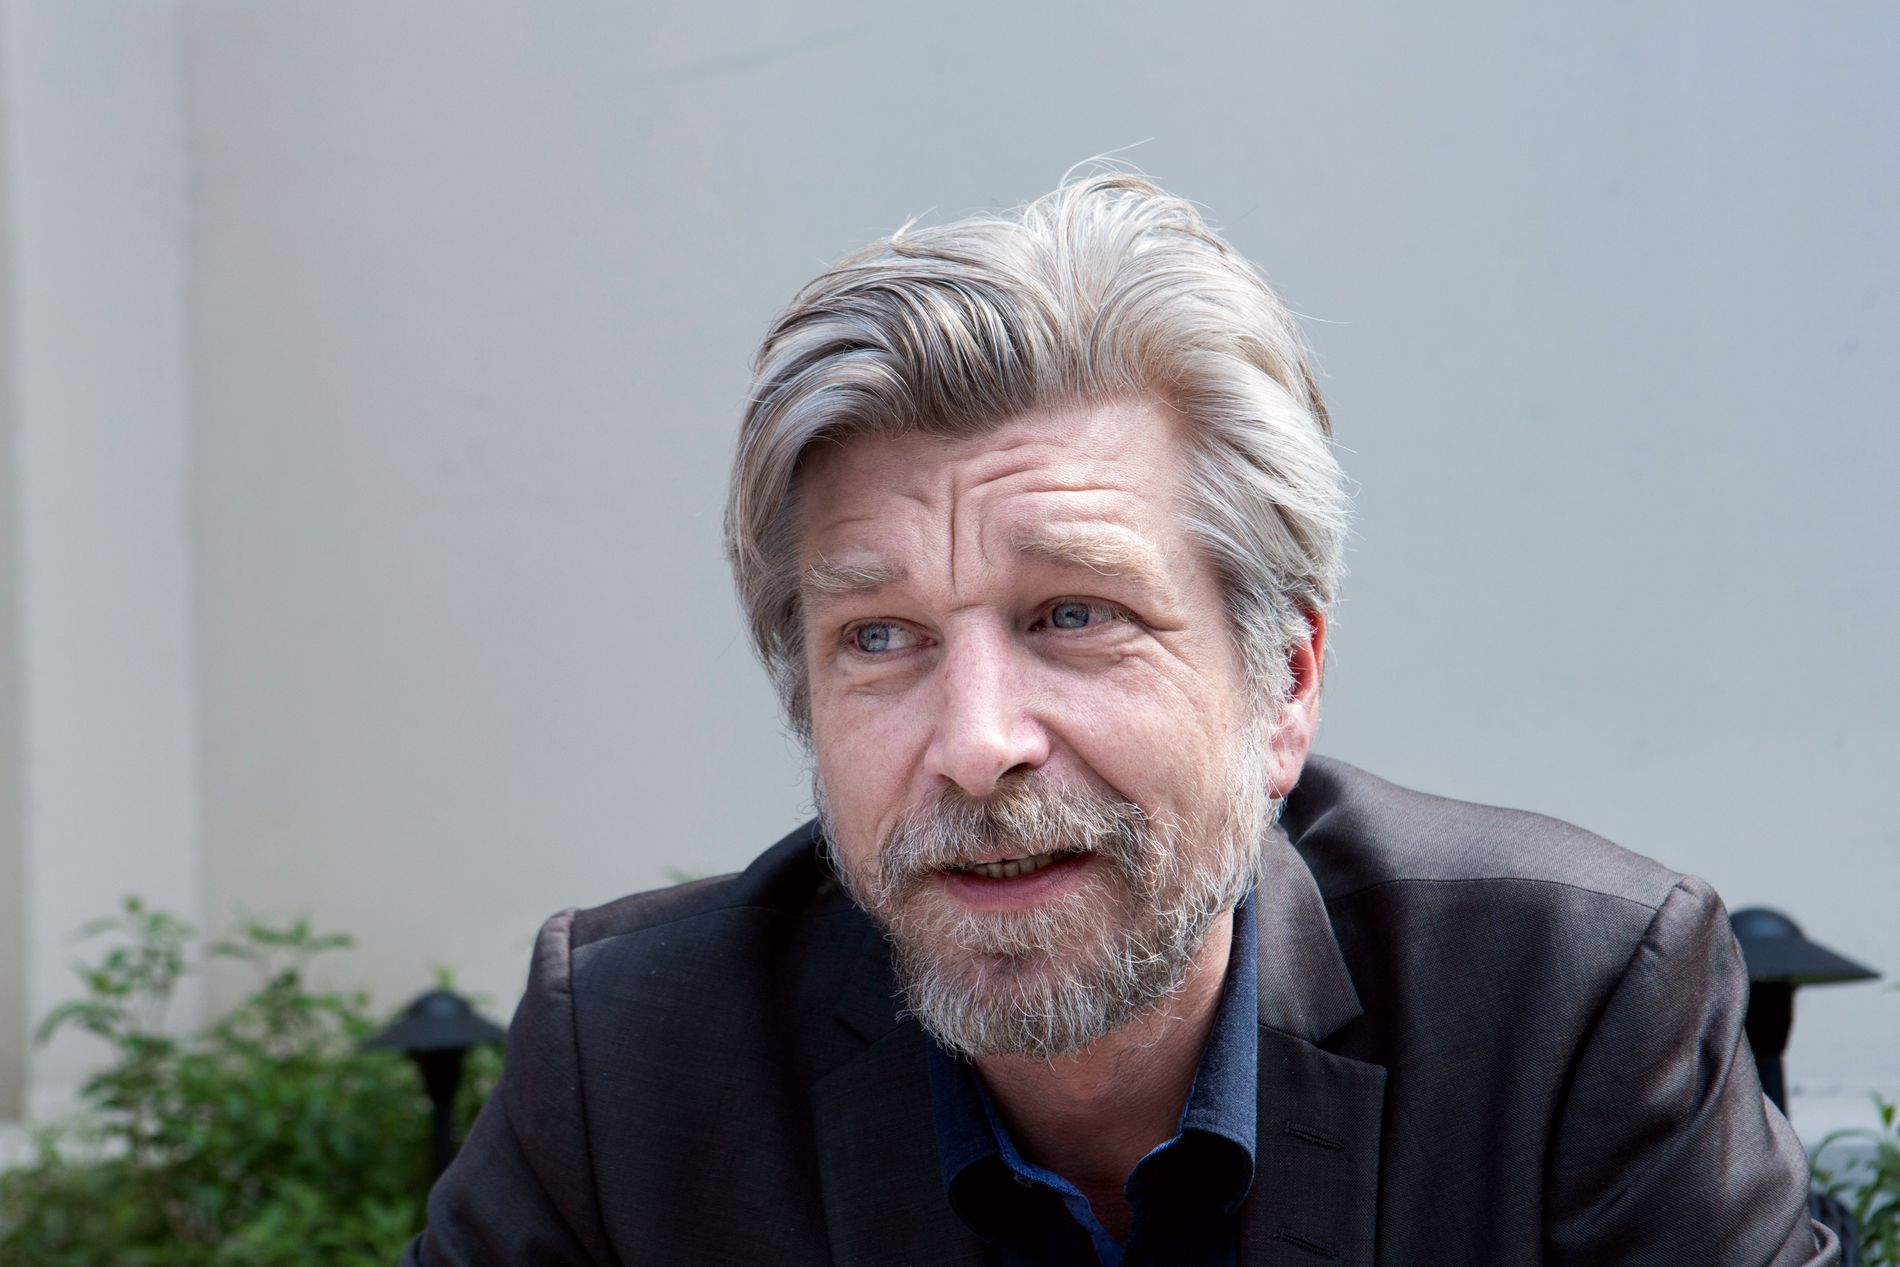 I MÅL: Karl Ove Knausgård har fullført sin årstidssyklug - og «Om sommeren» er en flott finale, mener VGs anmelder som har fulgt forfatterskapet tett de siste årene. Her fotografert i forbindelse med norsk-amerikansk litteraturfestival i New York tidlig i sommer.